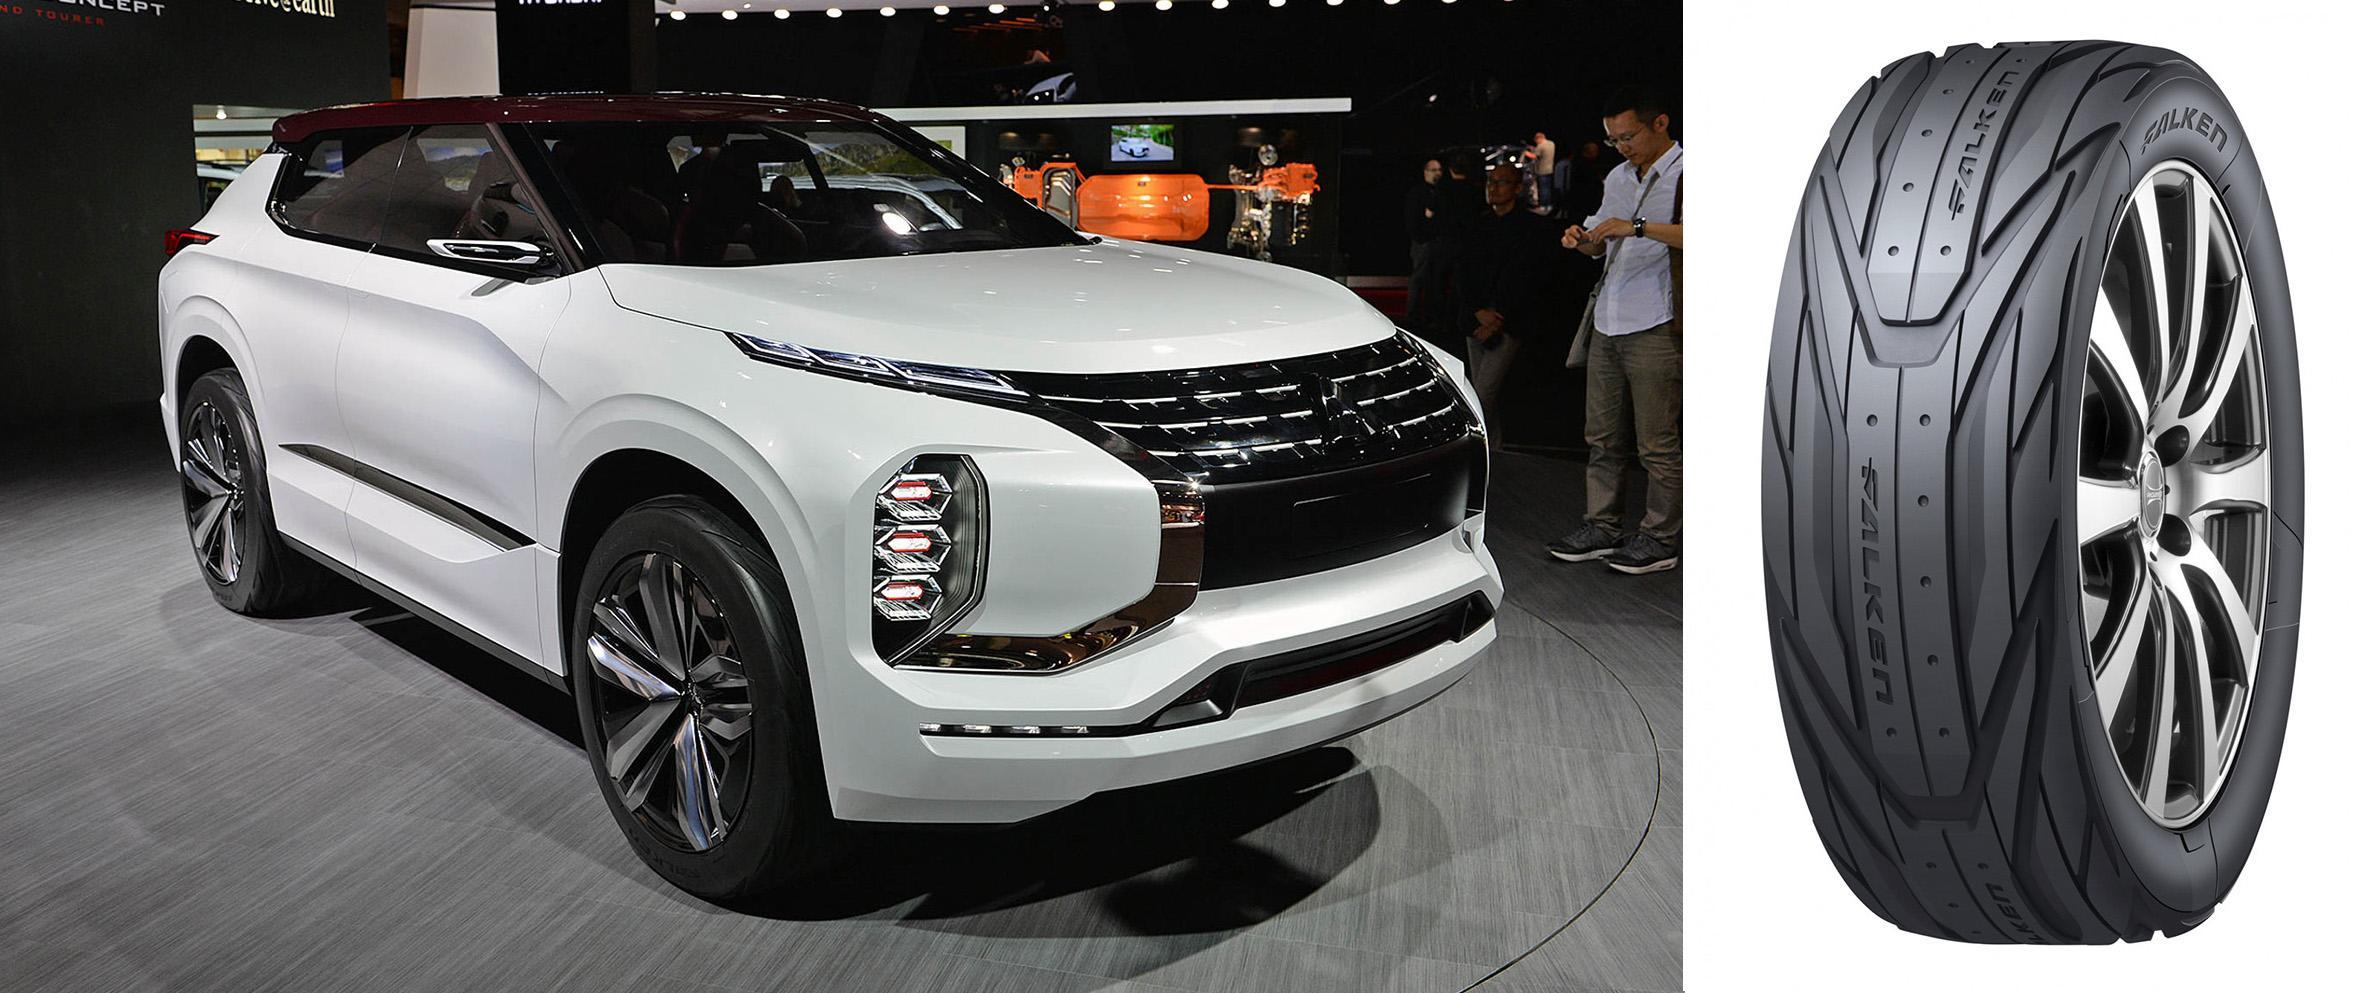 Sumitomo обула концепт-кар Mitsubishi GT-PHEV в концепт-шины Falken